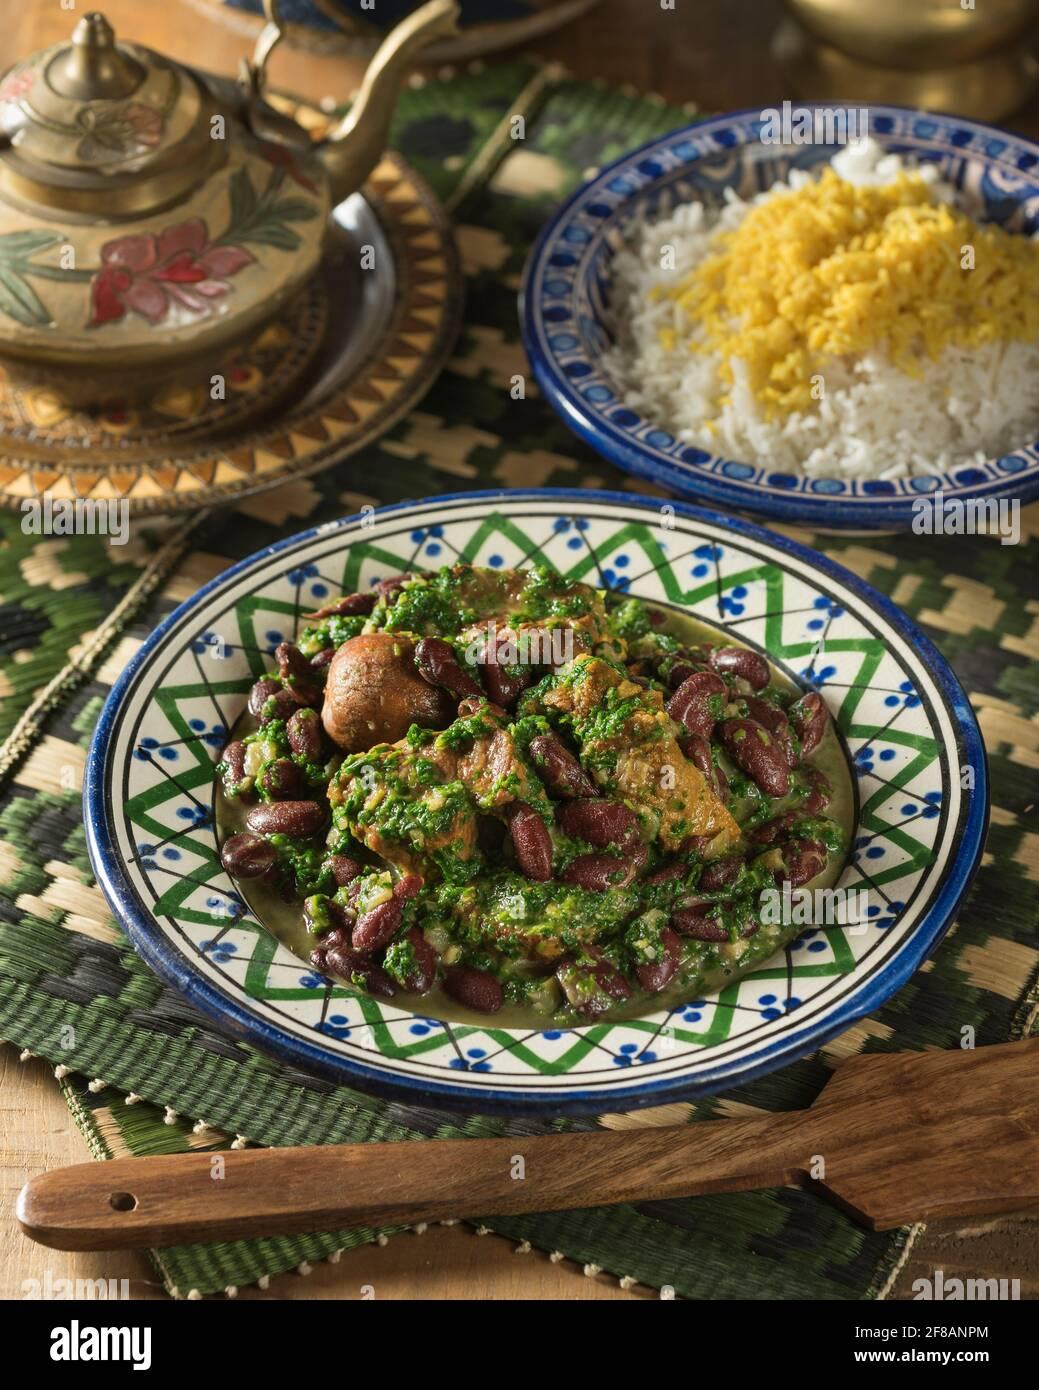 Khoresh ghormeh sabzi. Agnello iraniano e stufato di erbe. Iran alimentare Foto Stock